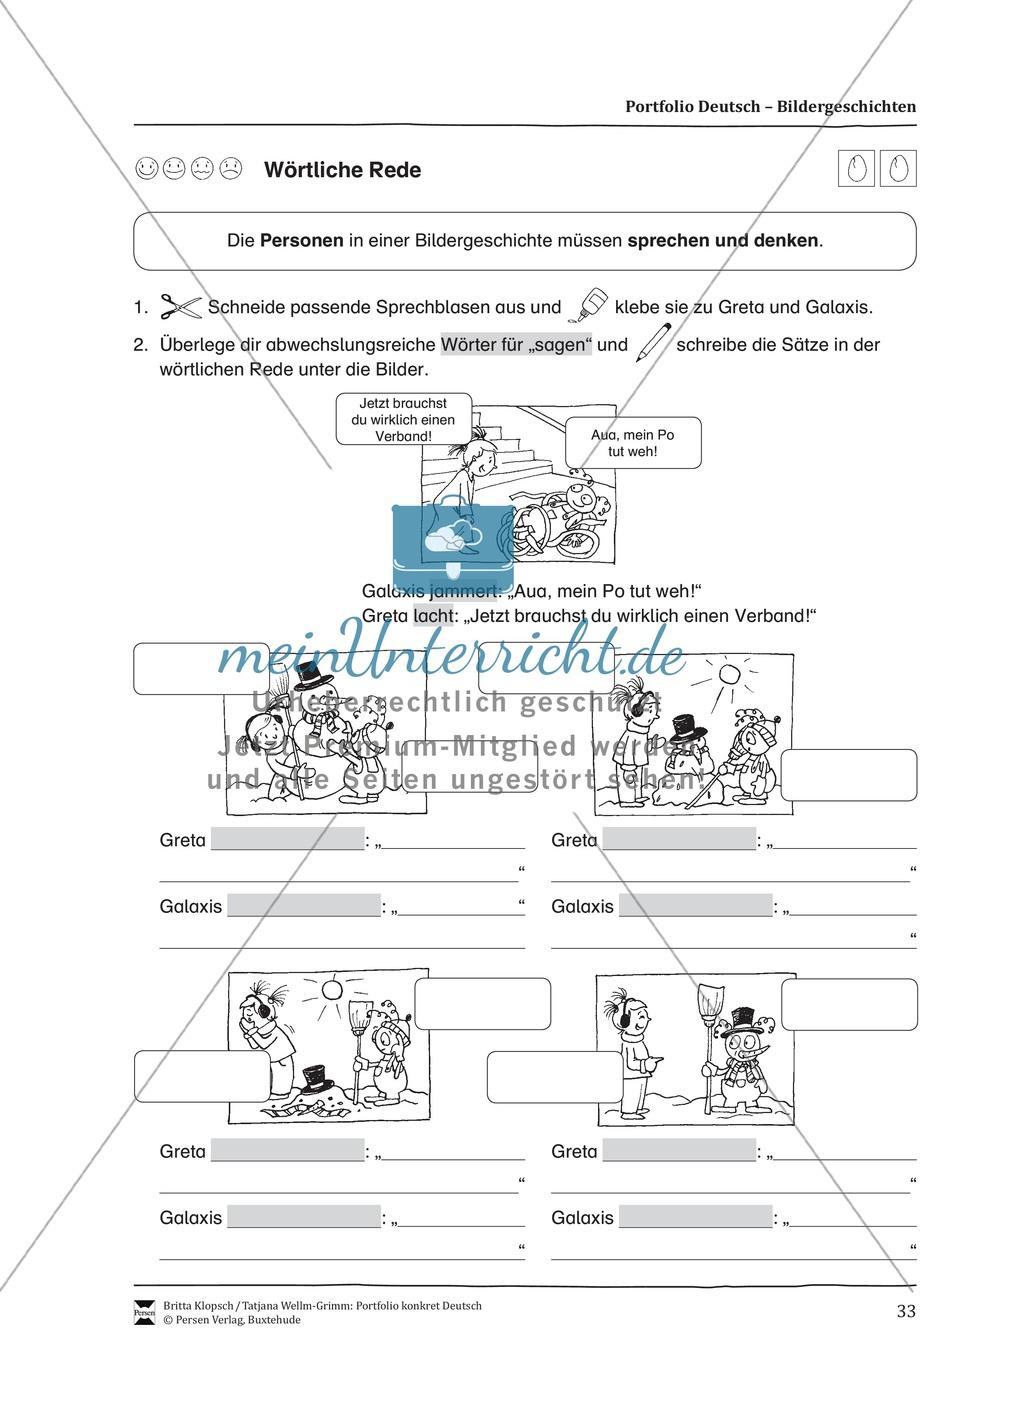 Kopiervorlagen für Aufsatzerziehung am Beispiel Bildergeschichte Preview 25